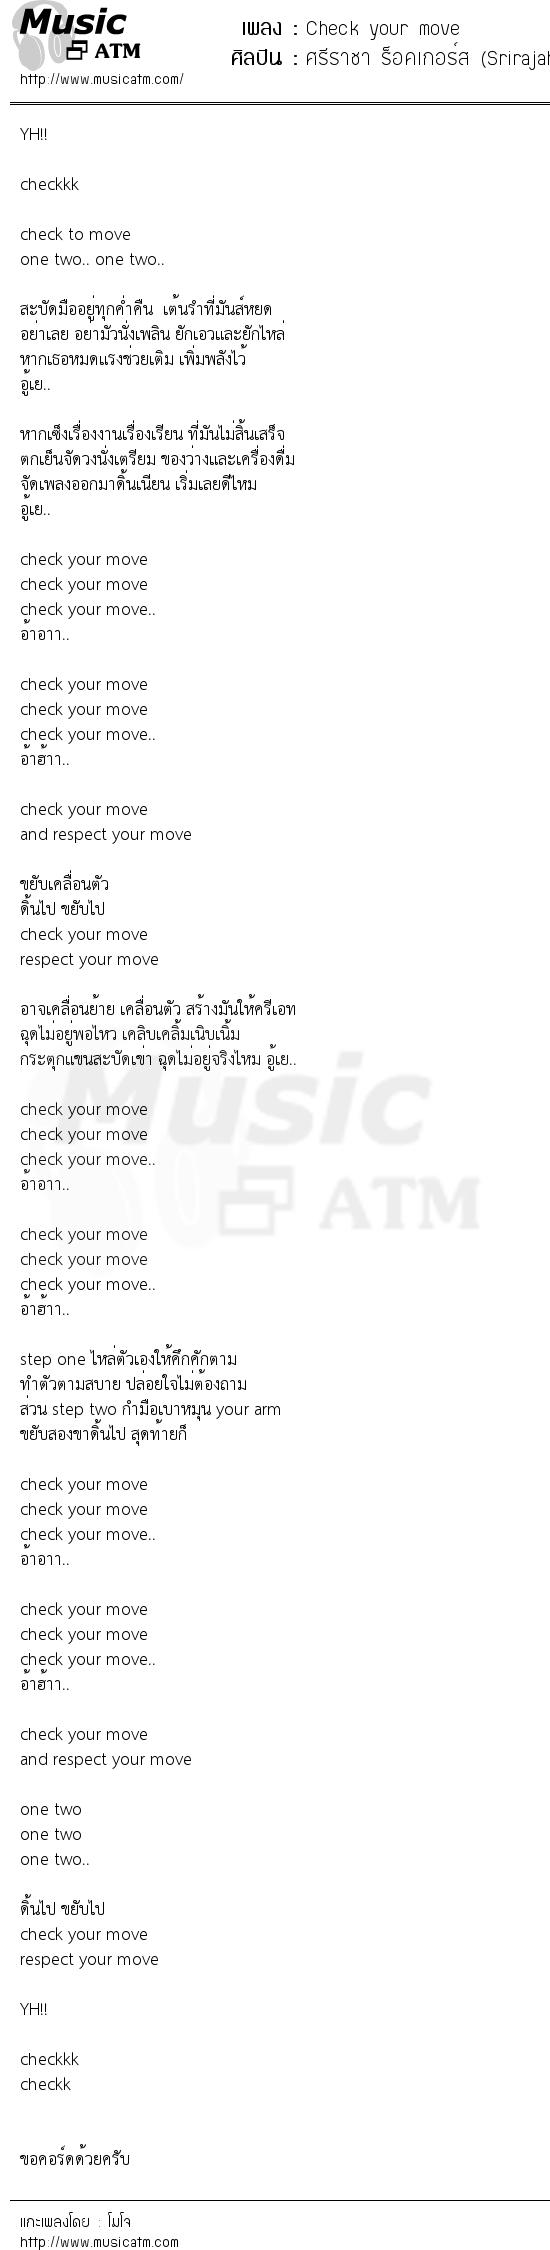 เนื้อเพลง Check your move - ศรีราชา ร็อคเกอร์ส (Srirajah Rockers)   เพลงไทย